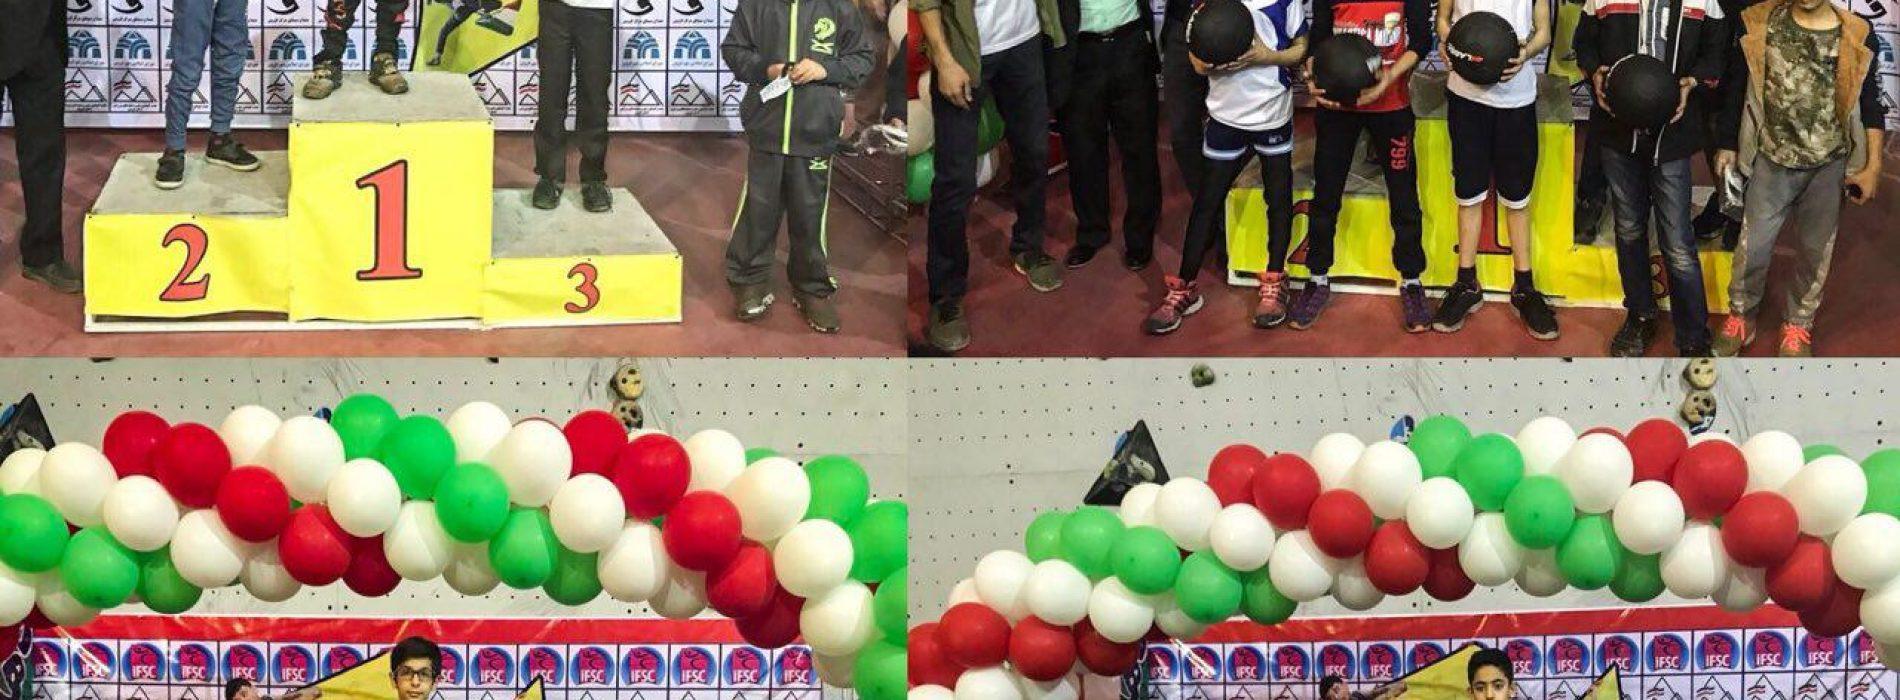 نتایج کلی چهارمین دوره مسابقات سنگنوردی جام فجررده سنی نونهالان – نوجوانان /قزوین